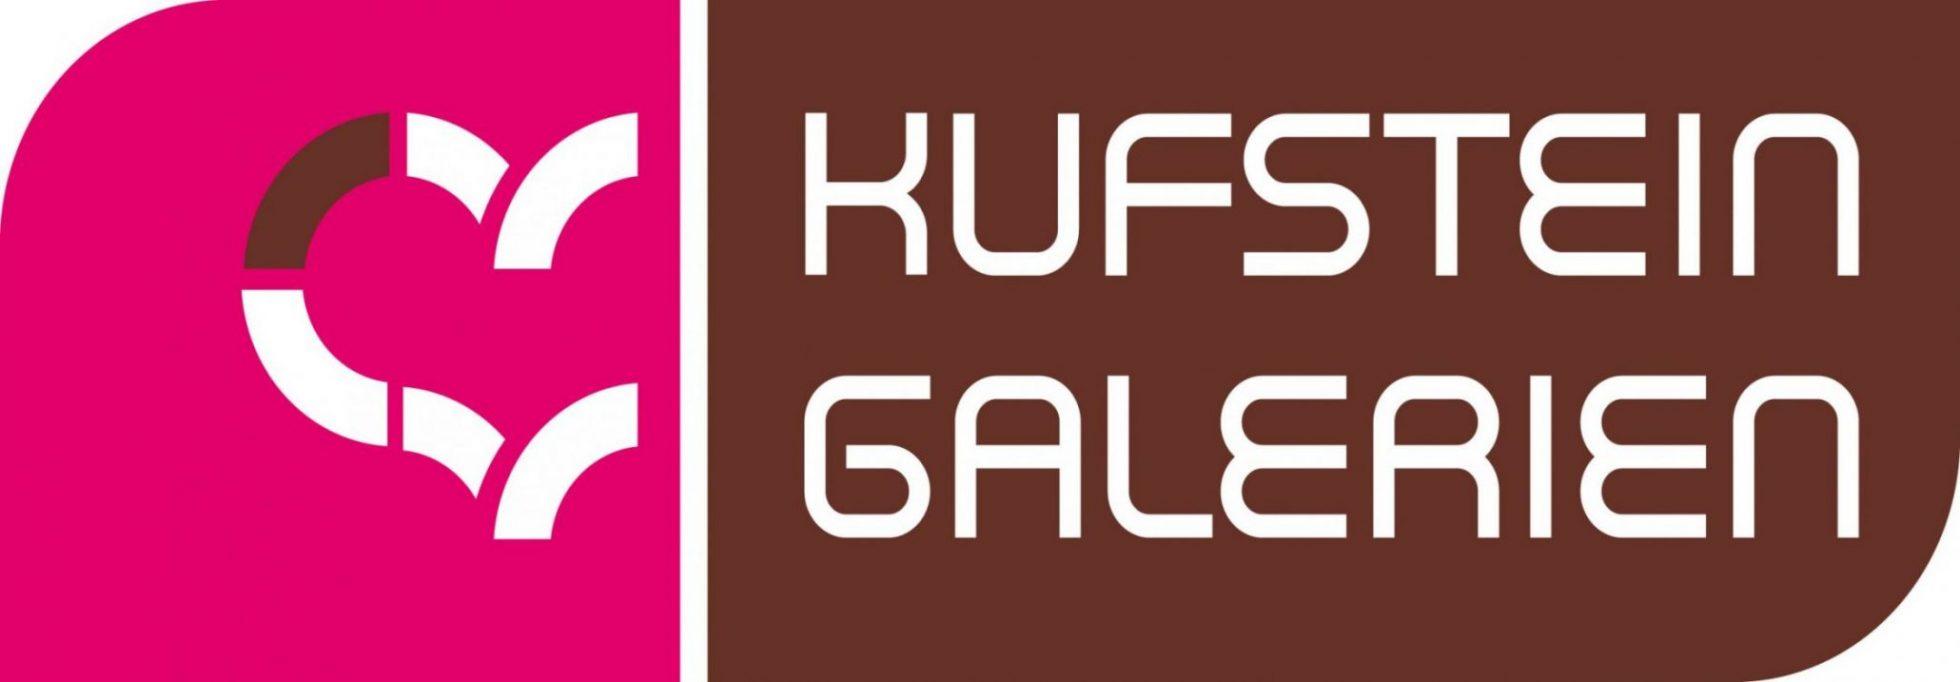 https://tri-x-kufstein.at/wp-content/uploads/2020/04/Logo-Kufstein-Galerien-1-scaled-e1586864423830.jpg